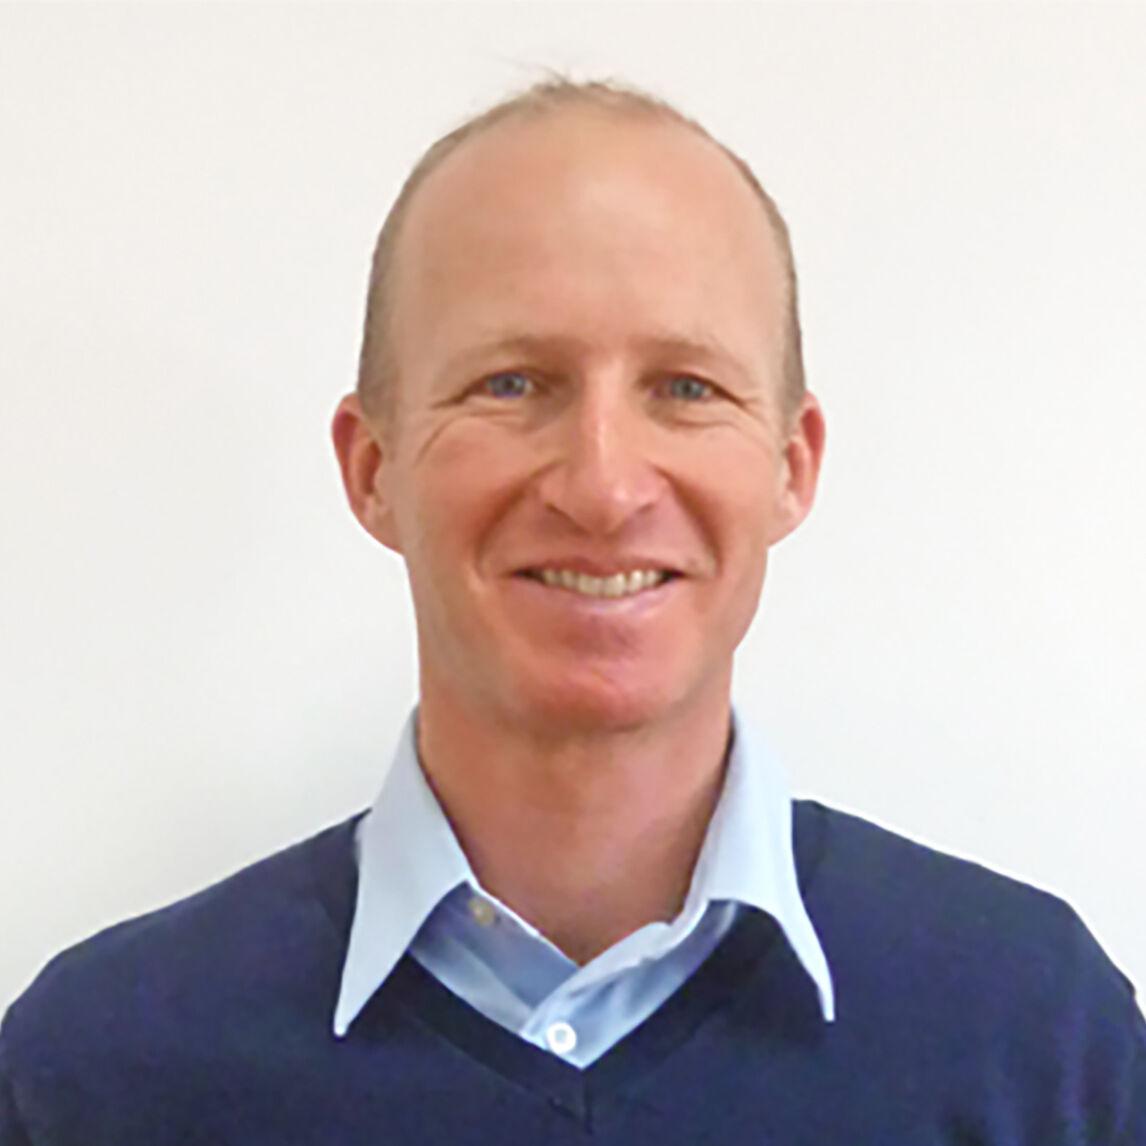 Daniel Gahleitner